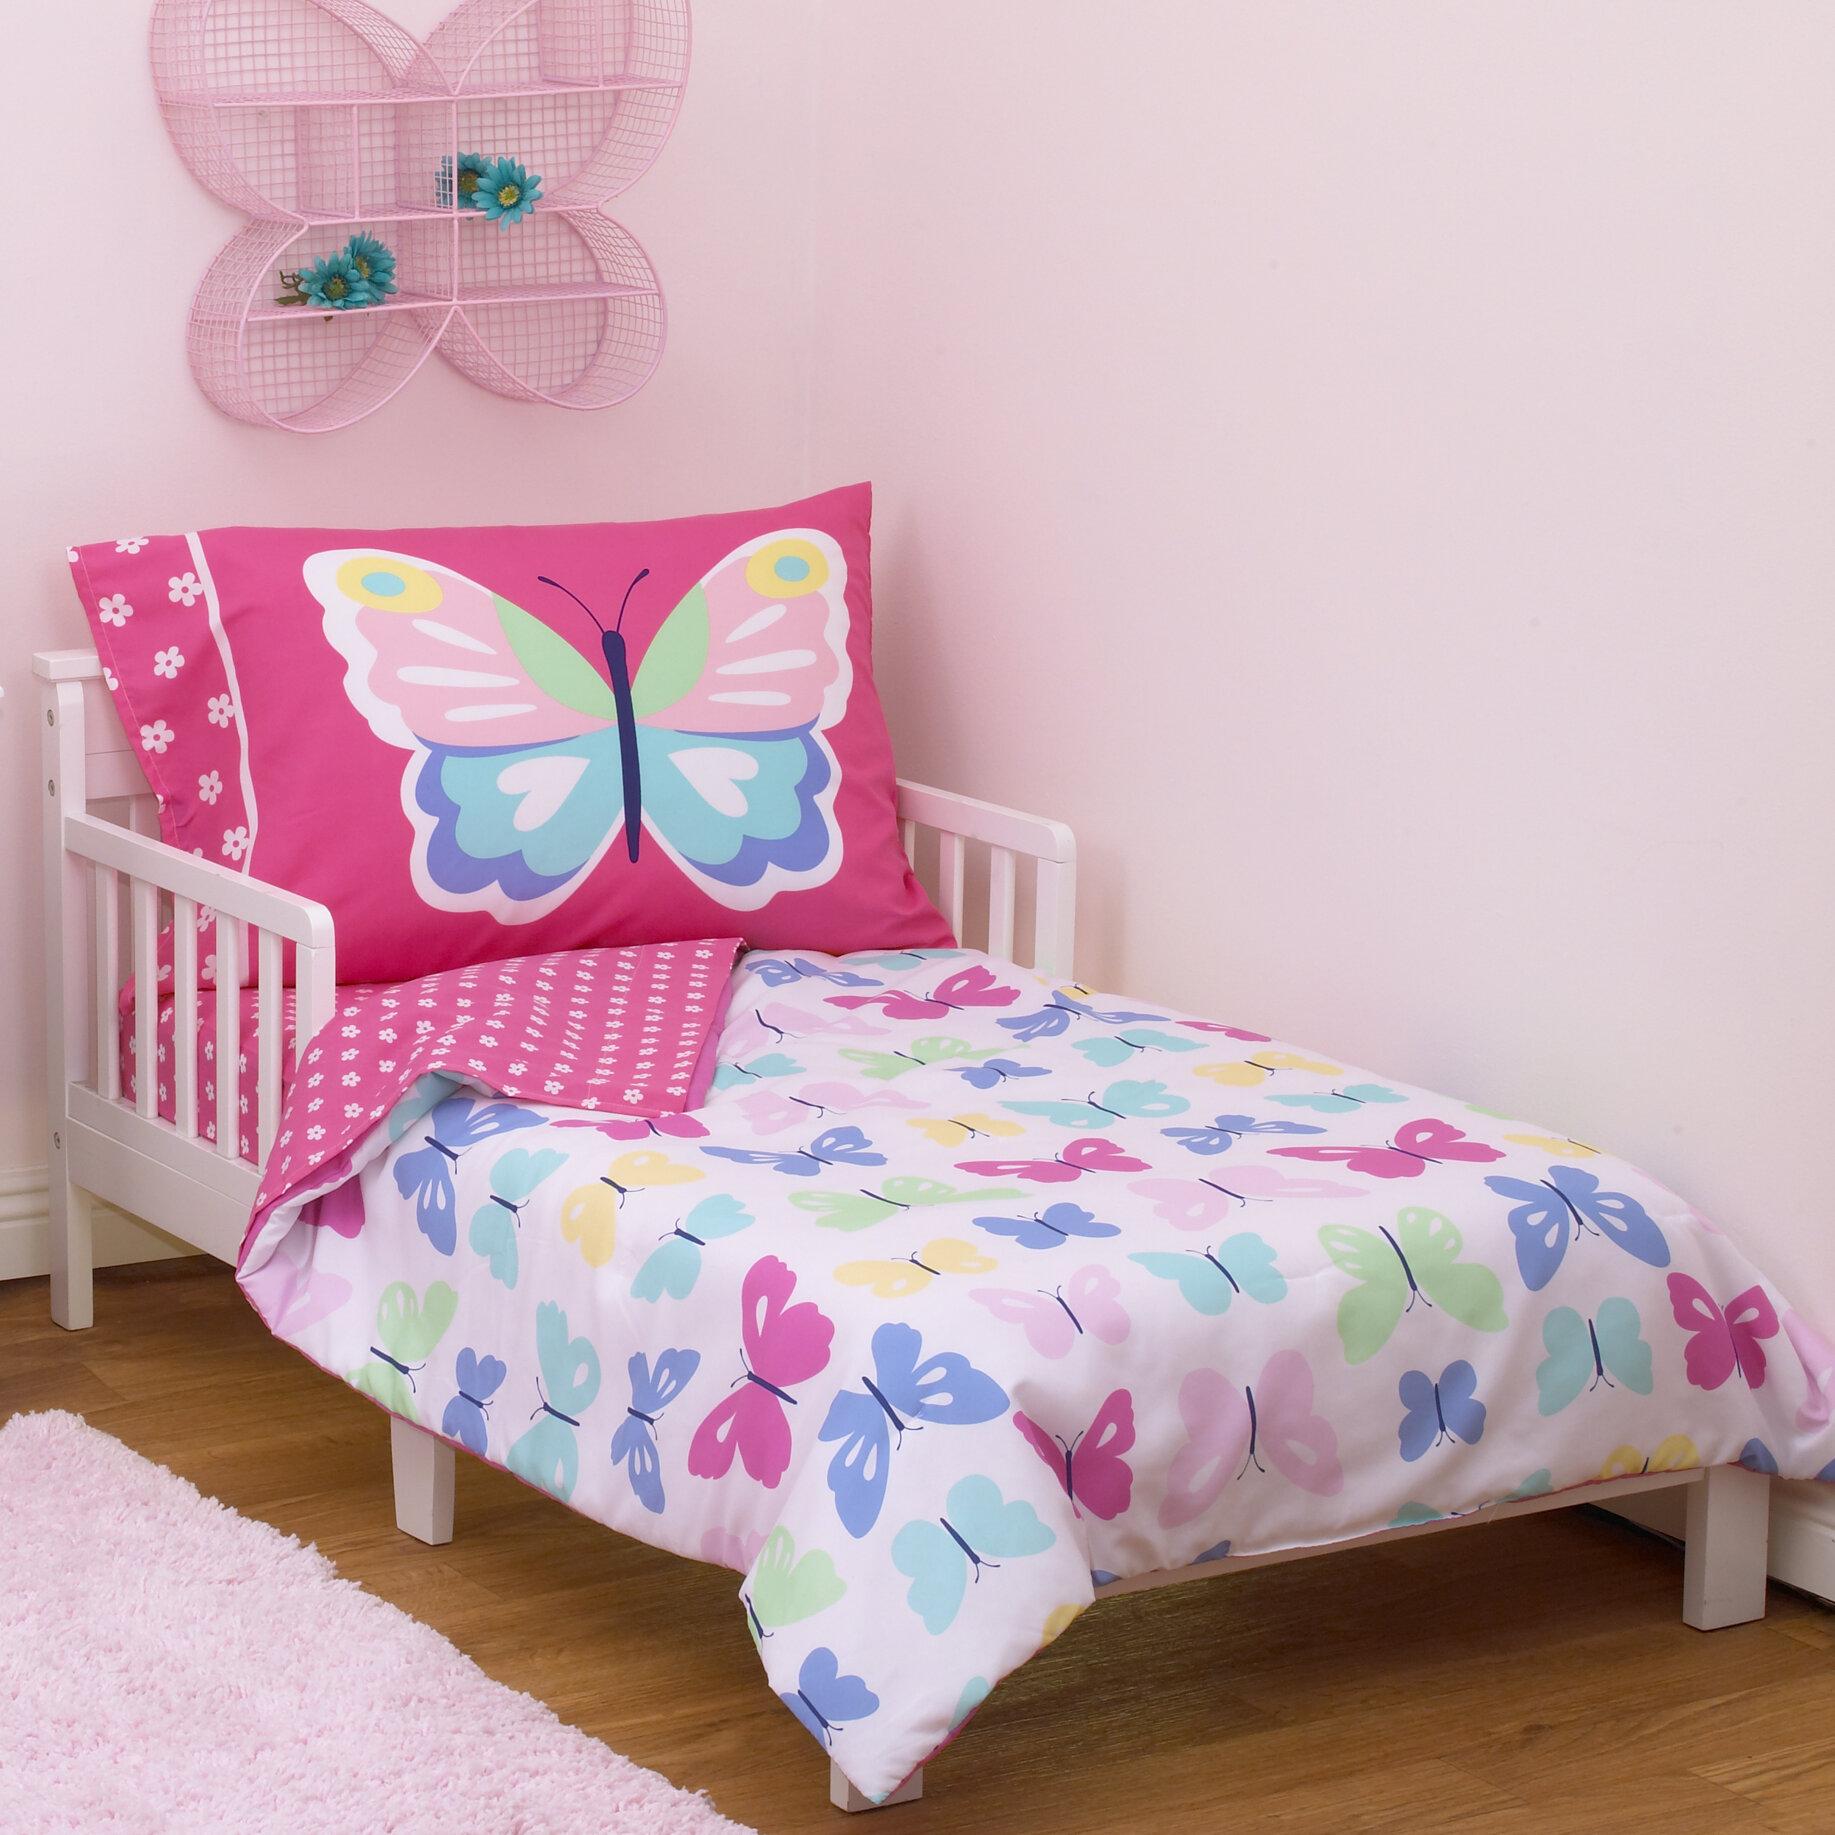 Carteru0027s Butterflies 4 Piece Toddler Bedding Set U0026 Reviews   Wayfair